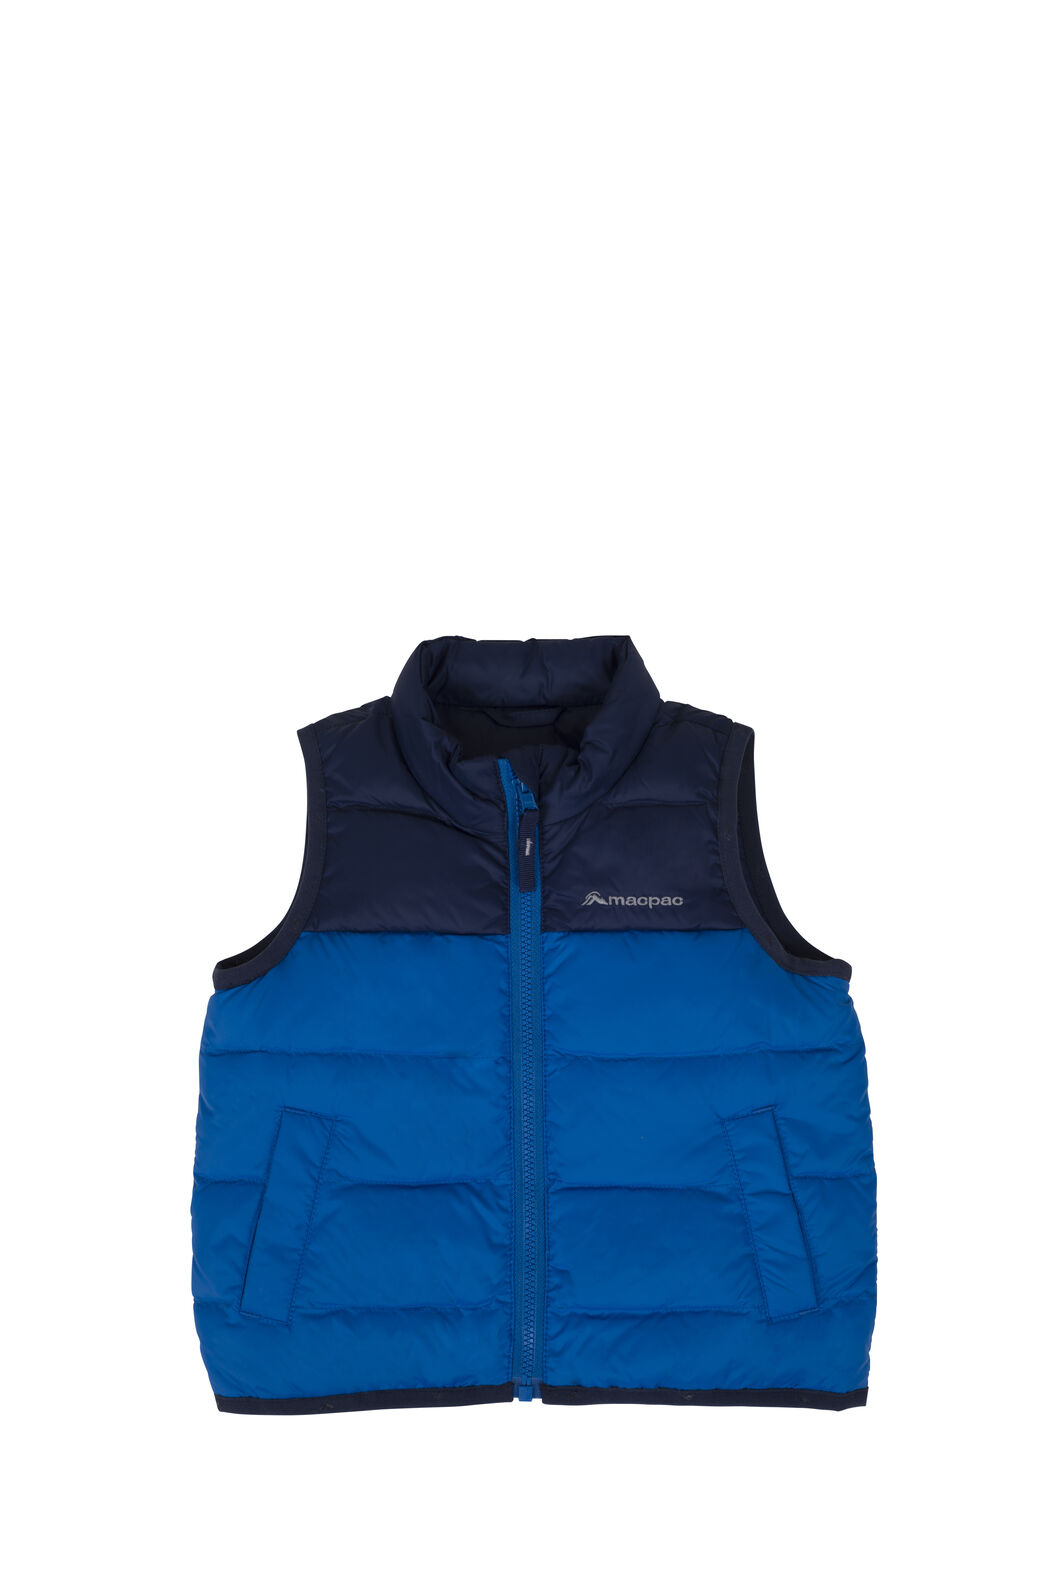 Macpac Atom Down Vest - Baby, Black Iris/Snorkel, hi-res